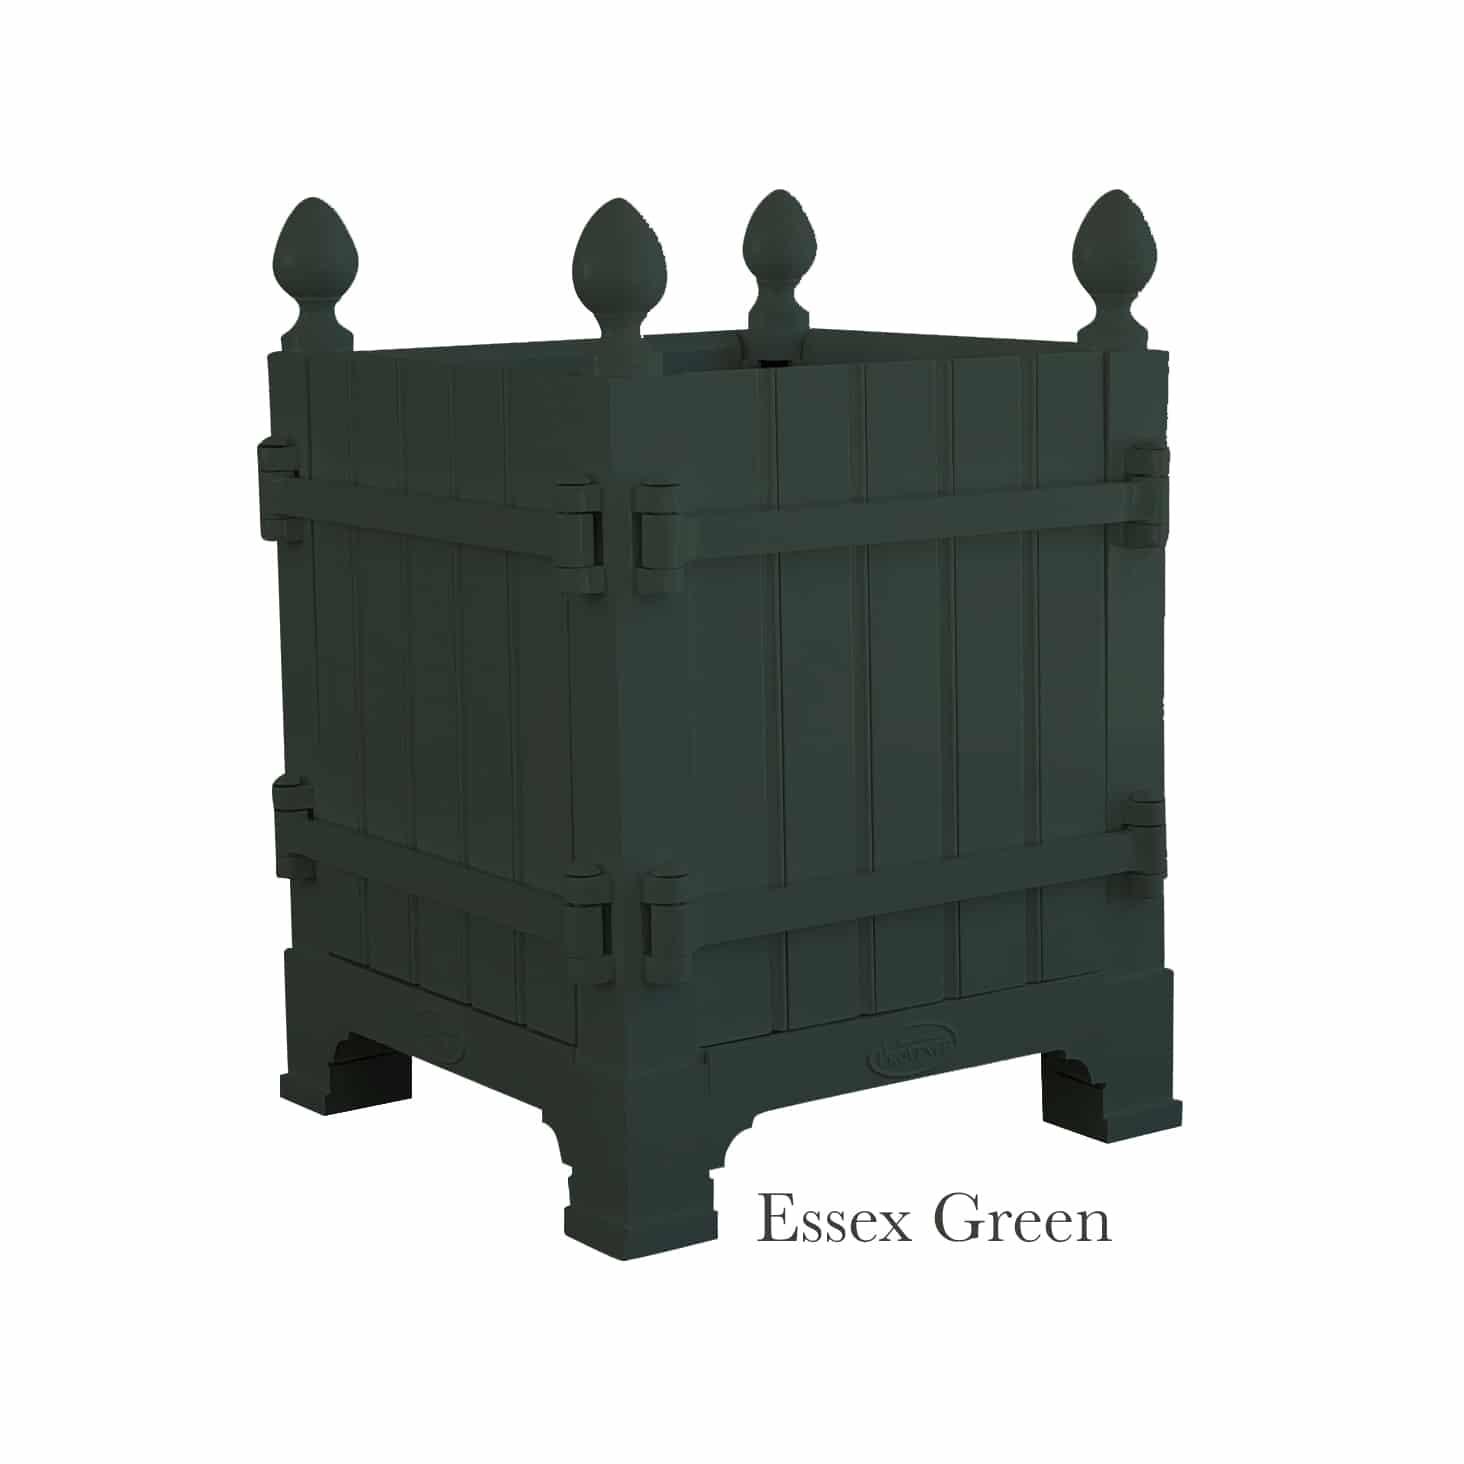 Planter Dans Une Caisse En Bois french caisse de versailles planter boxes | authentic provence